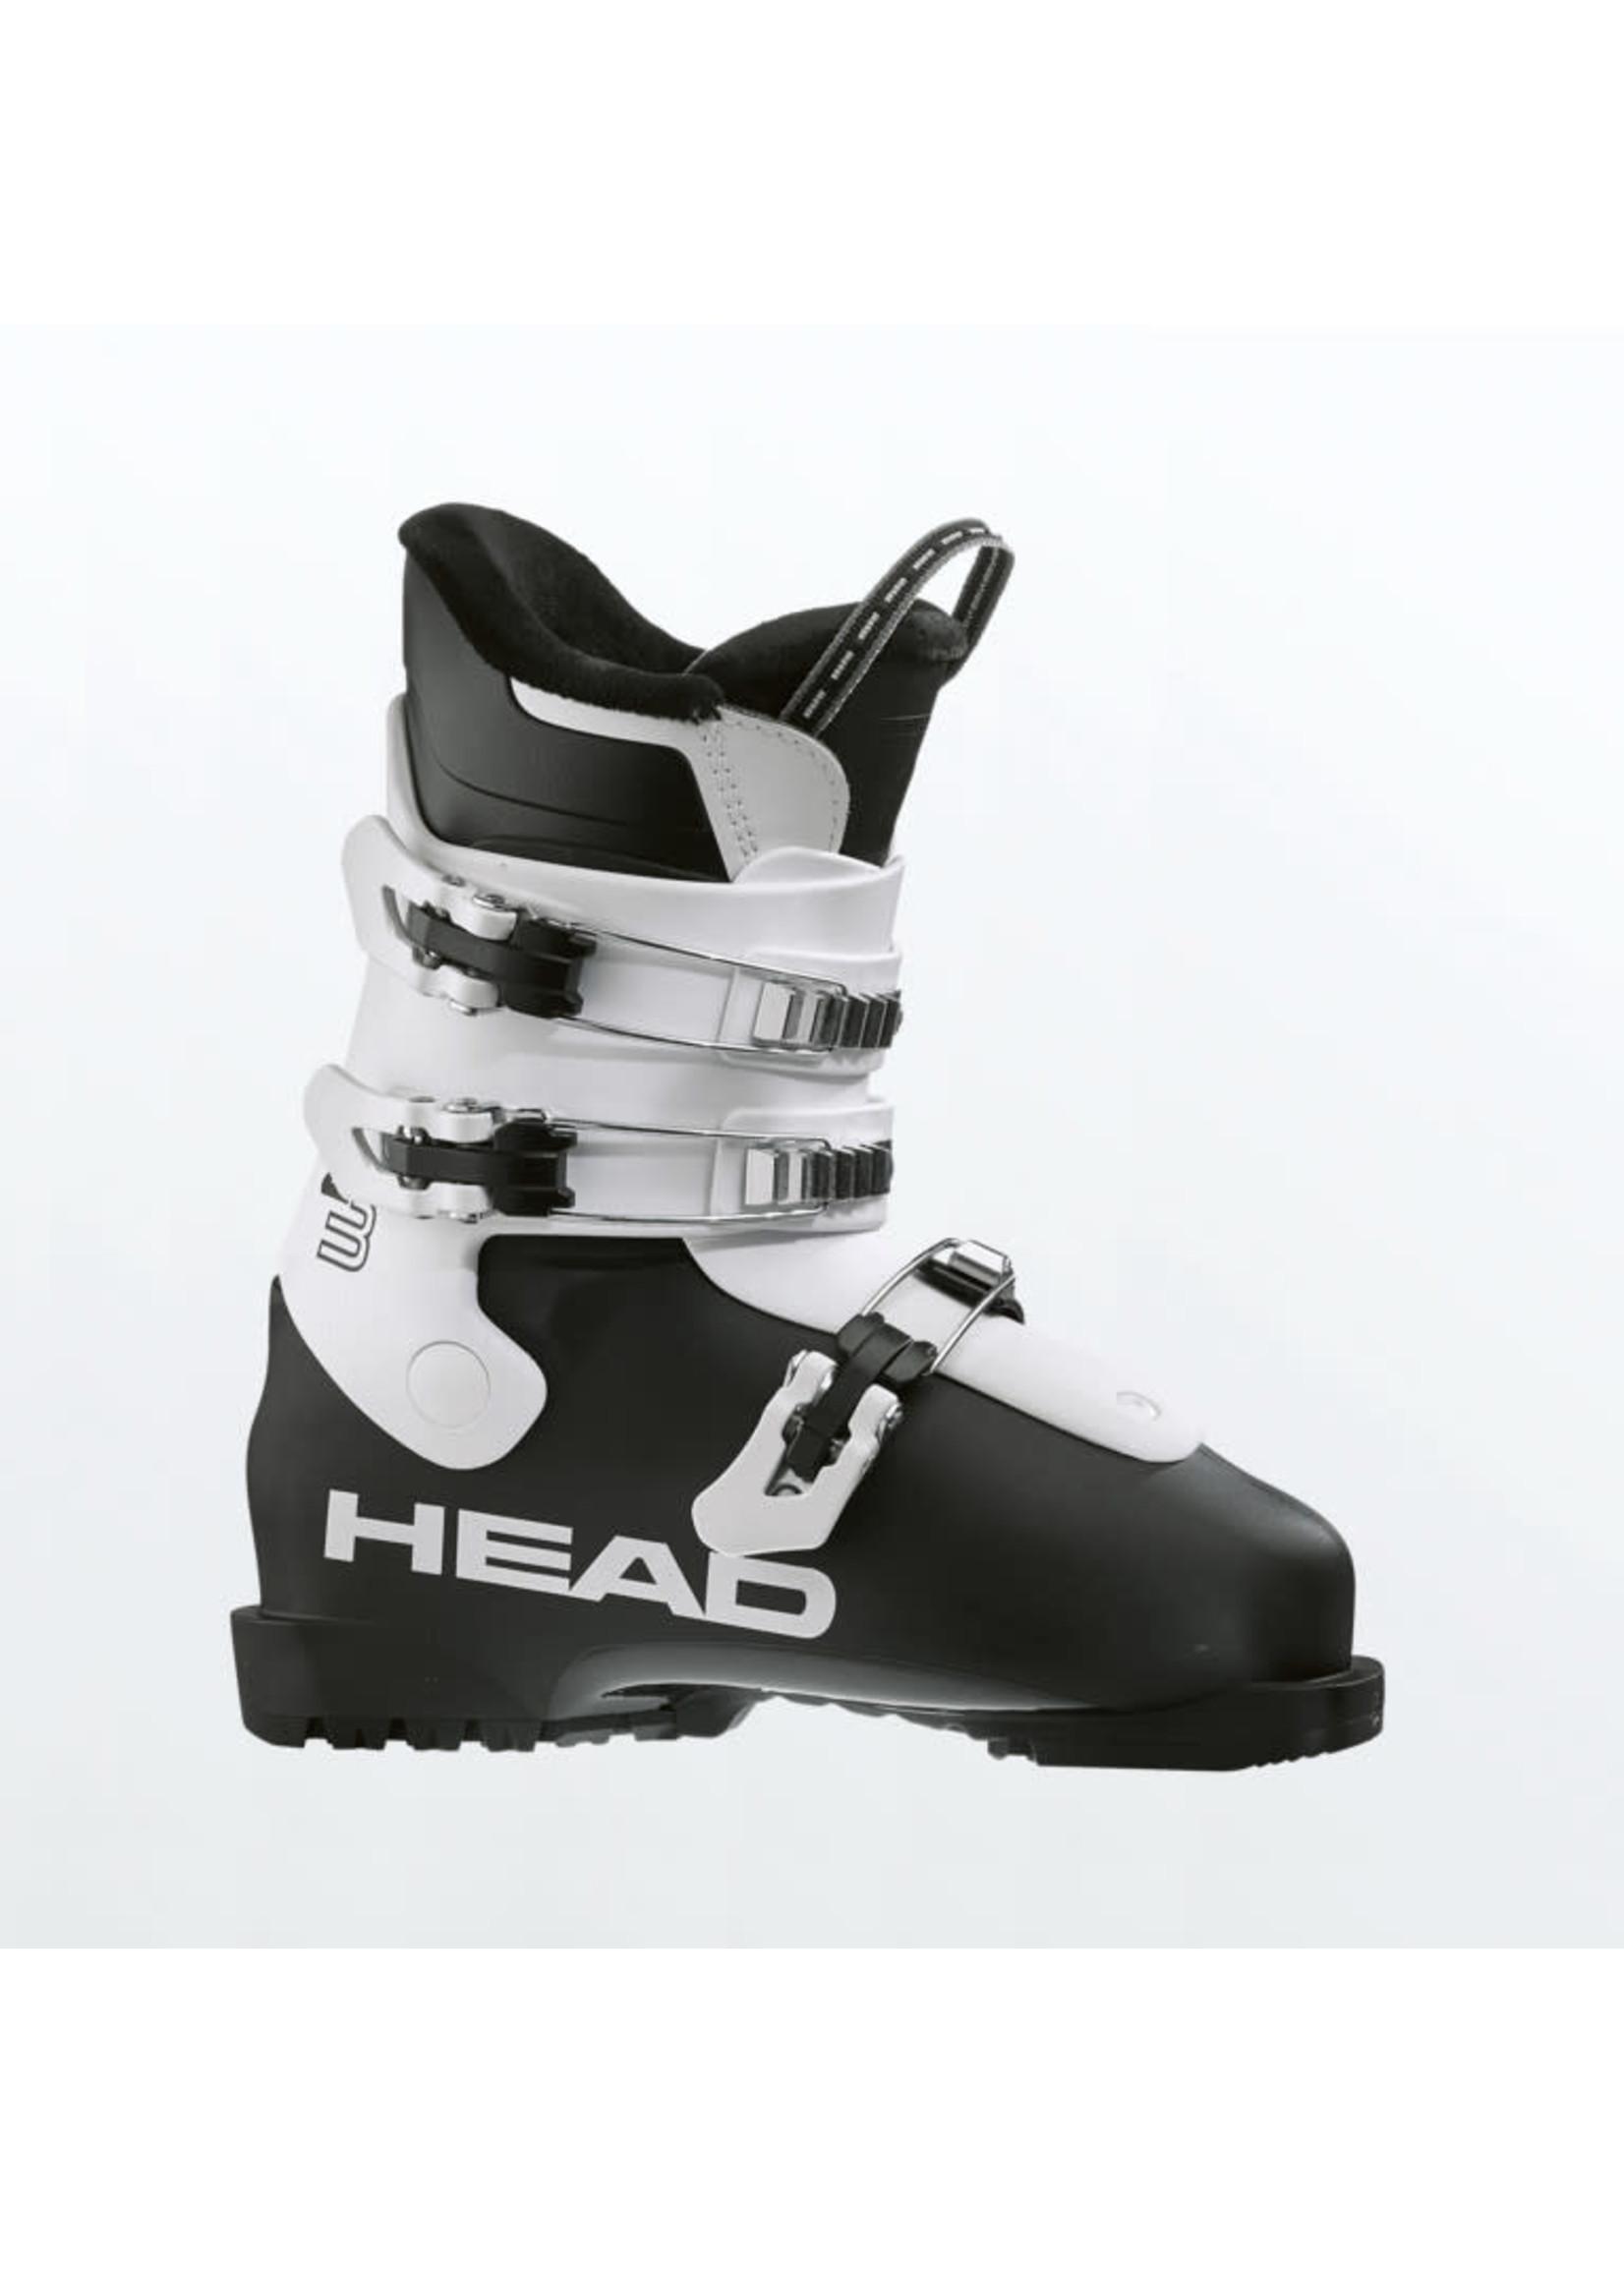 Head Junior Ski Boot Z3